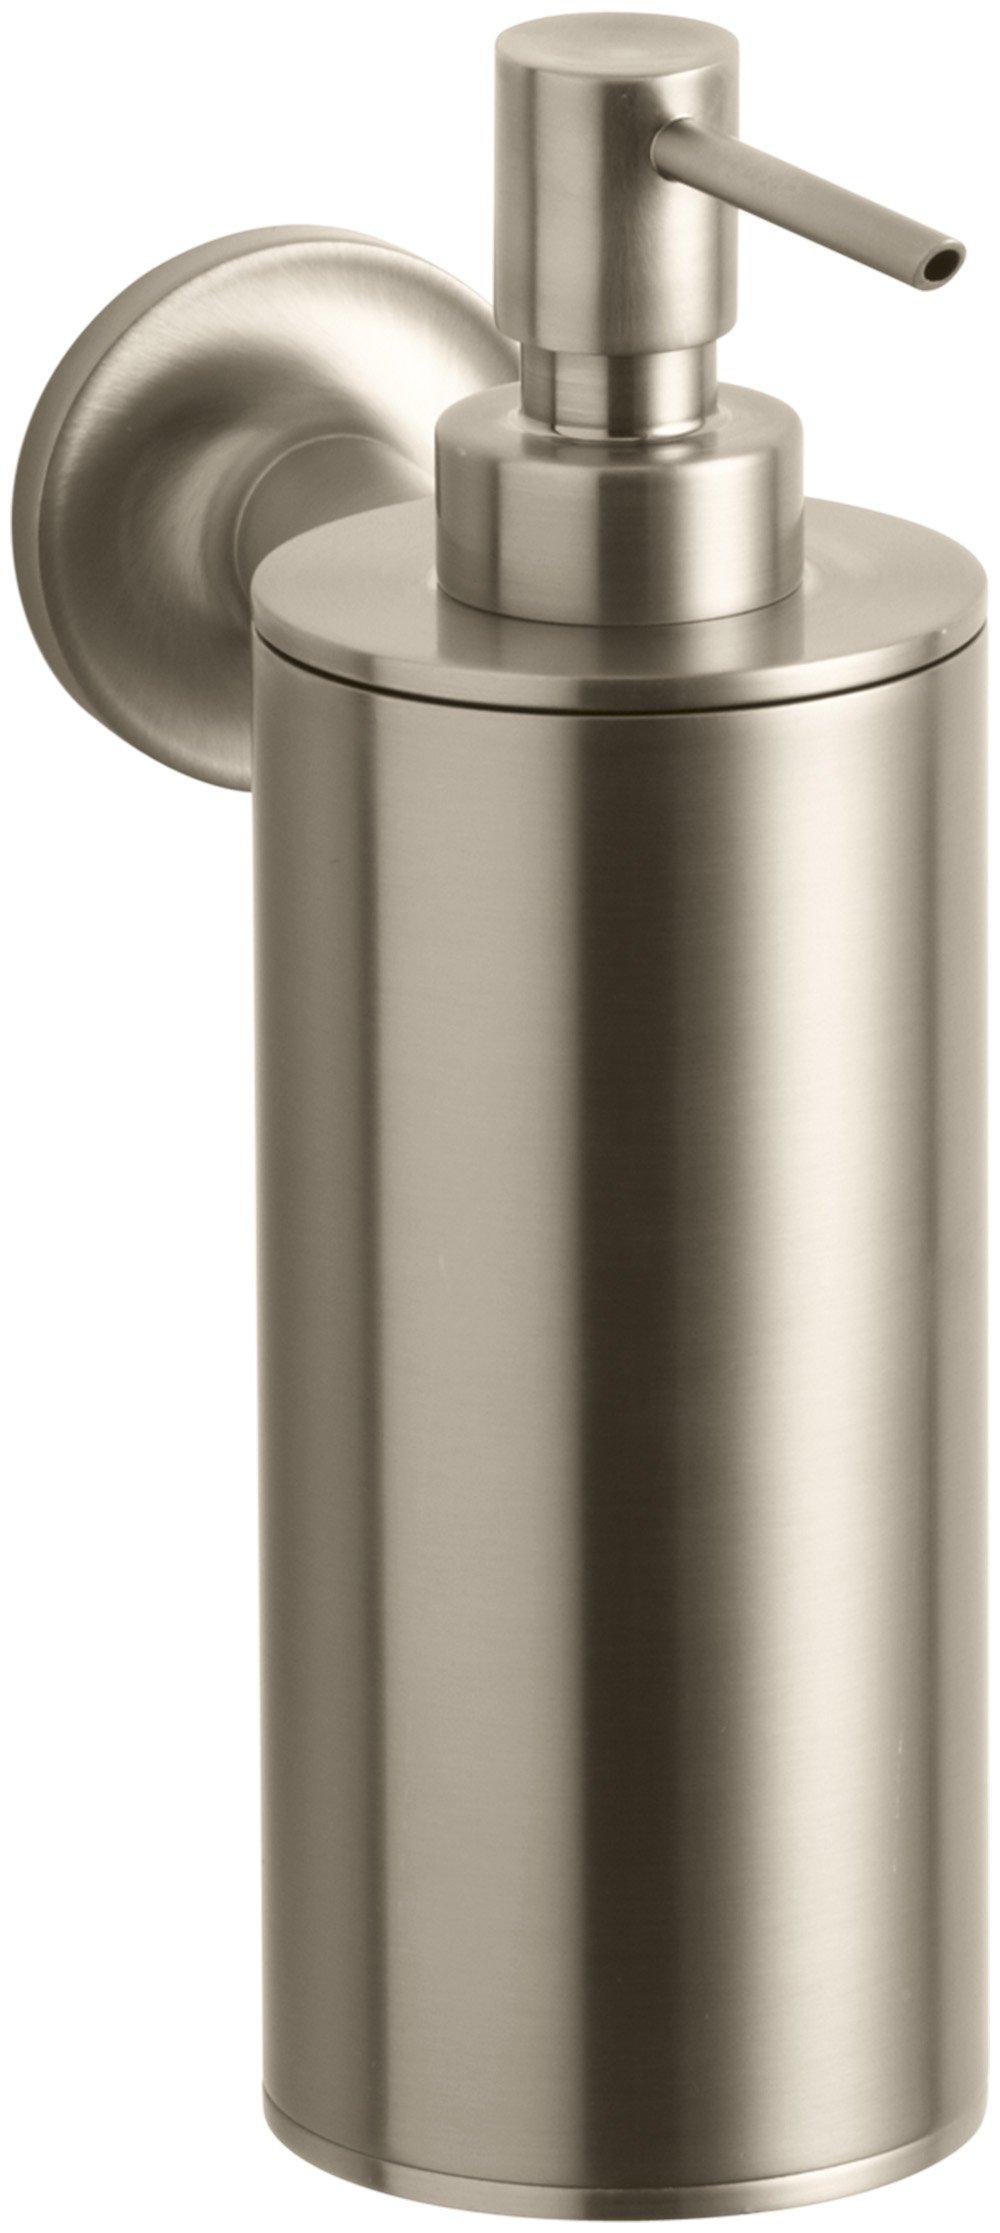 Kohler K-14380-BV Purist Wall-Mounted Soap Dispenser, Vibrant Brushed Bronze